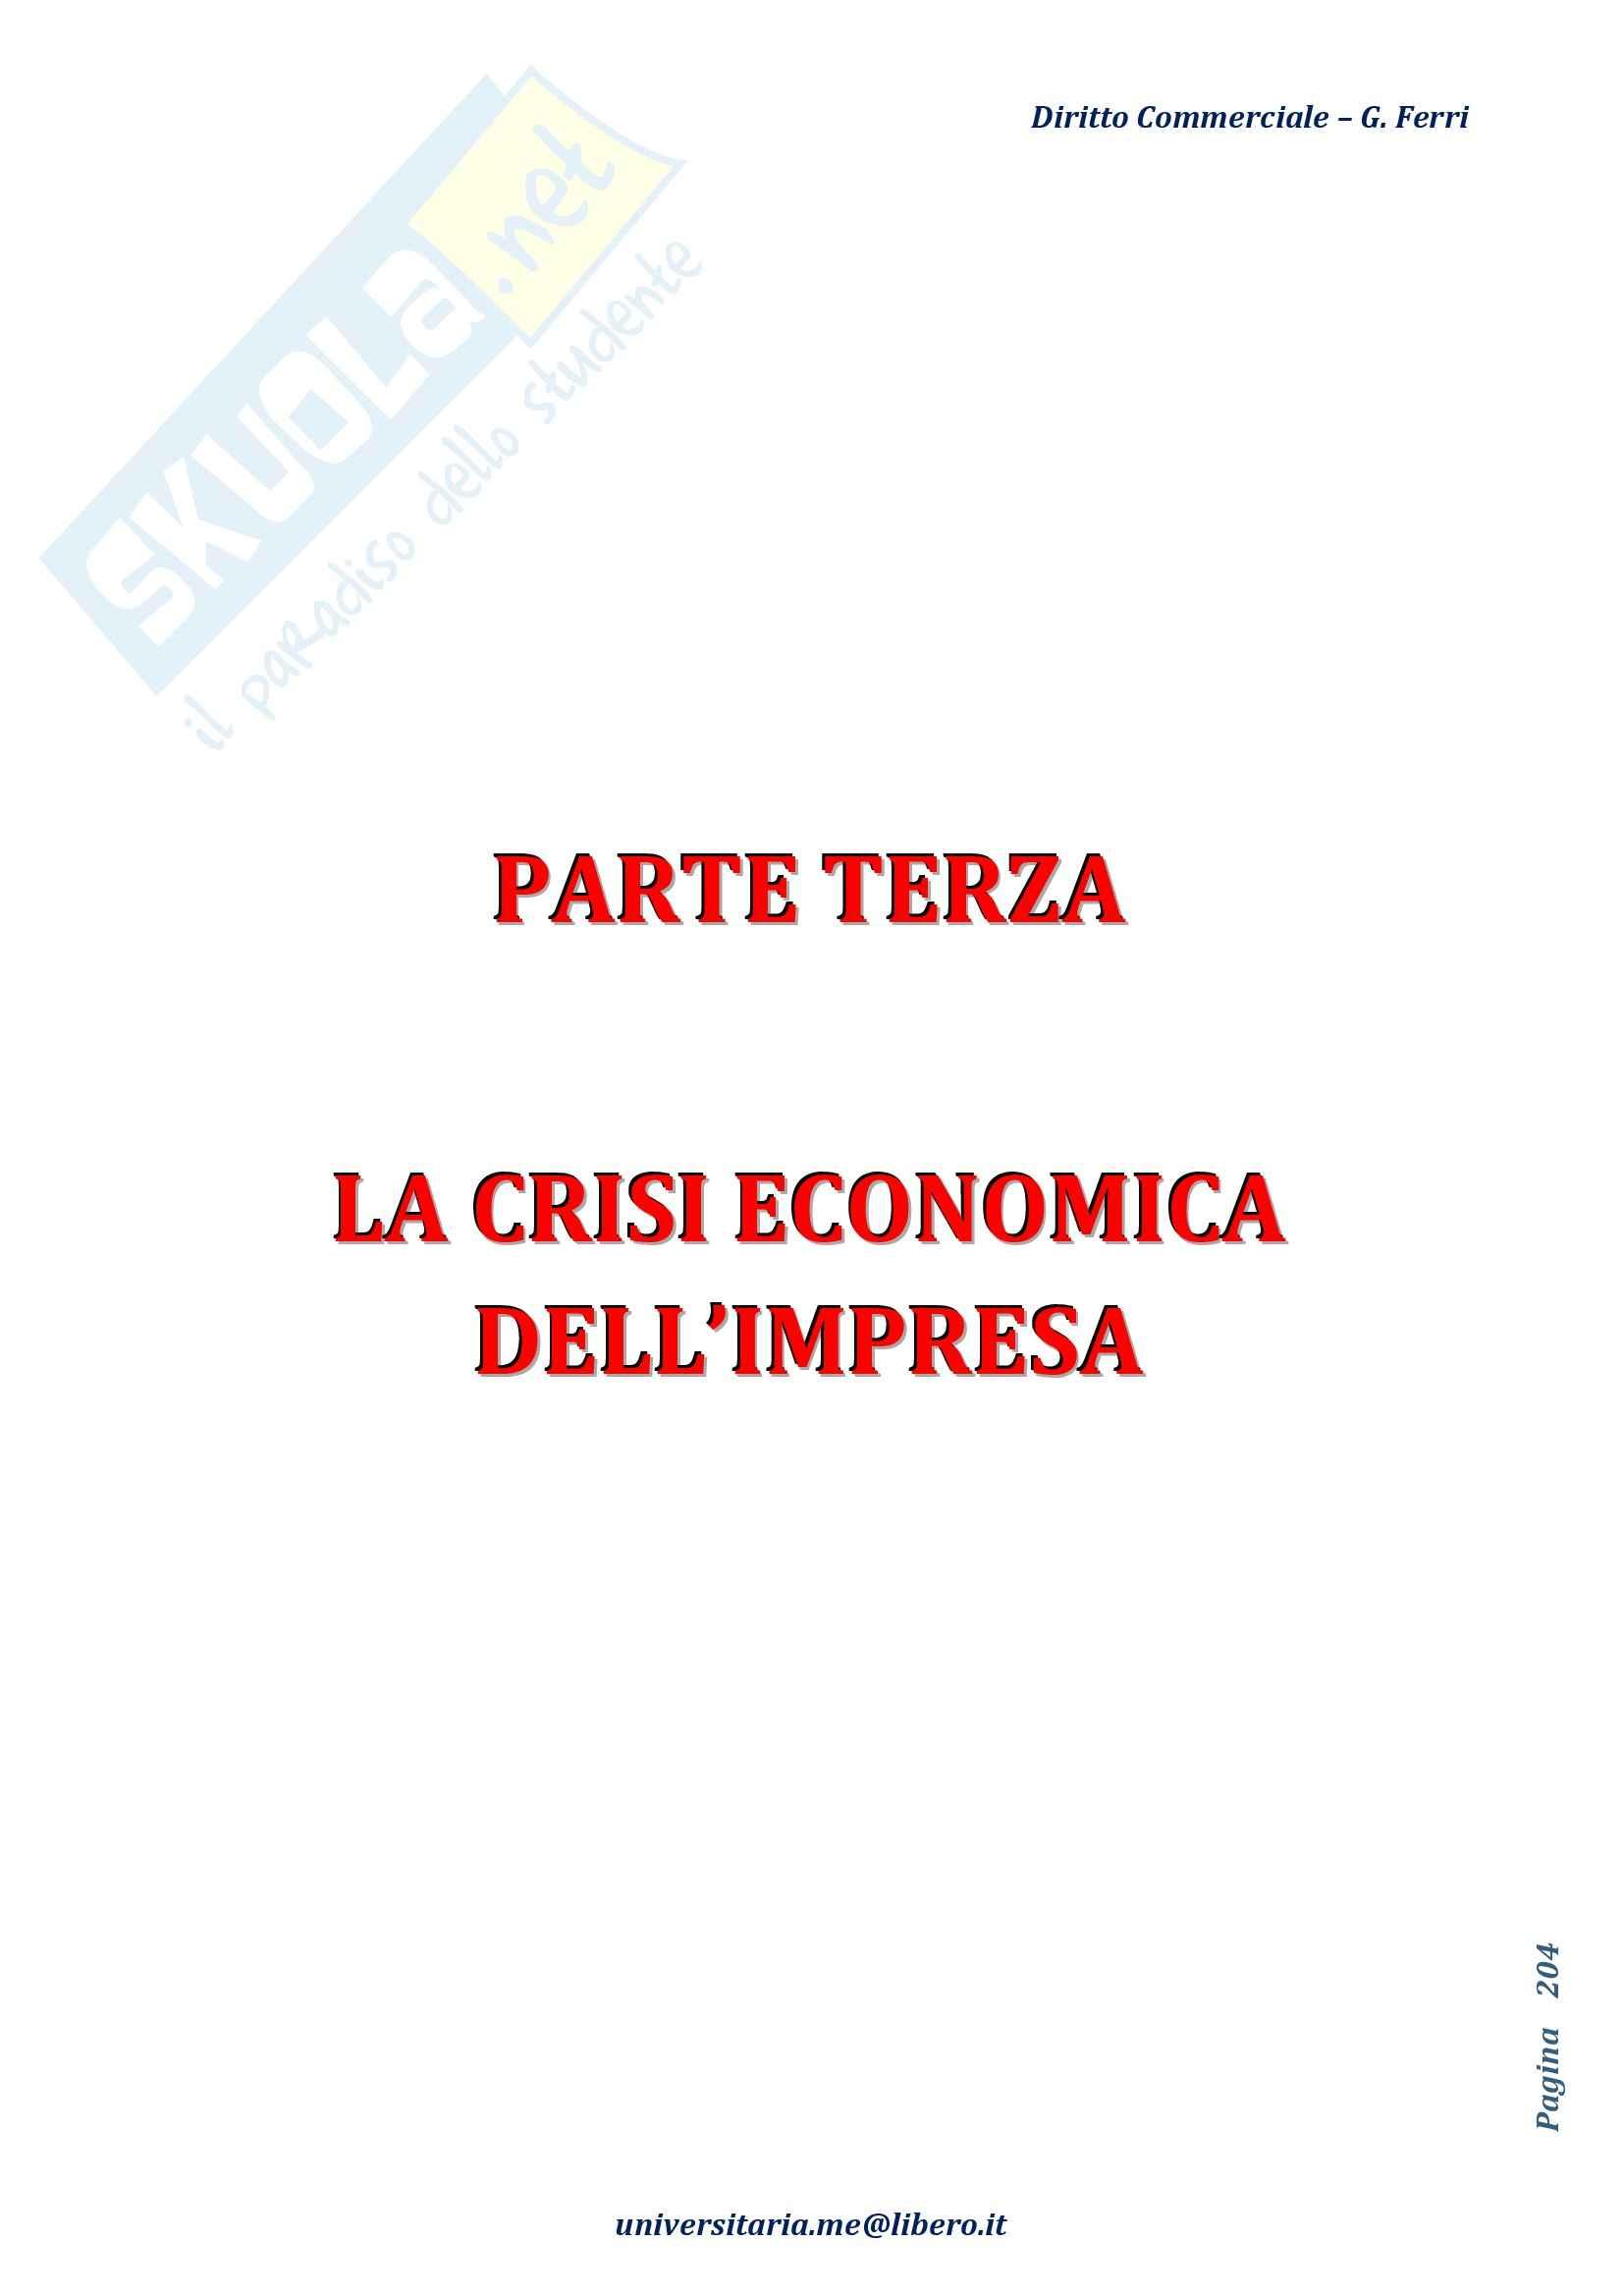 Riassunto esame Diritto Commerciale, prof. Terranova, libro consigliato Manuale di Diritto Commerciale, Angelici, Ferri, parti III e IV